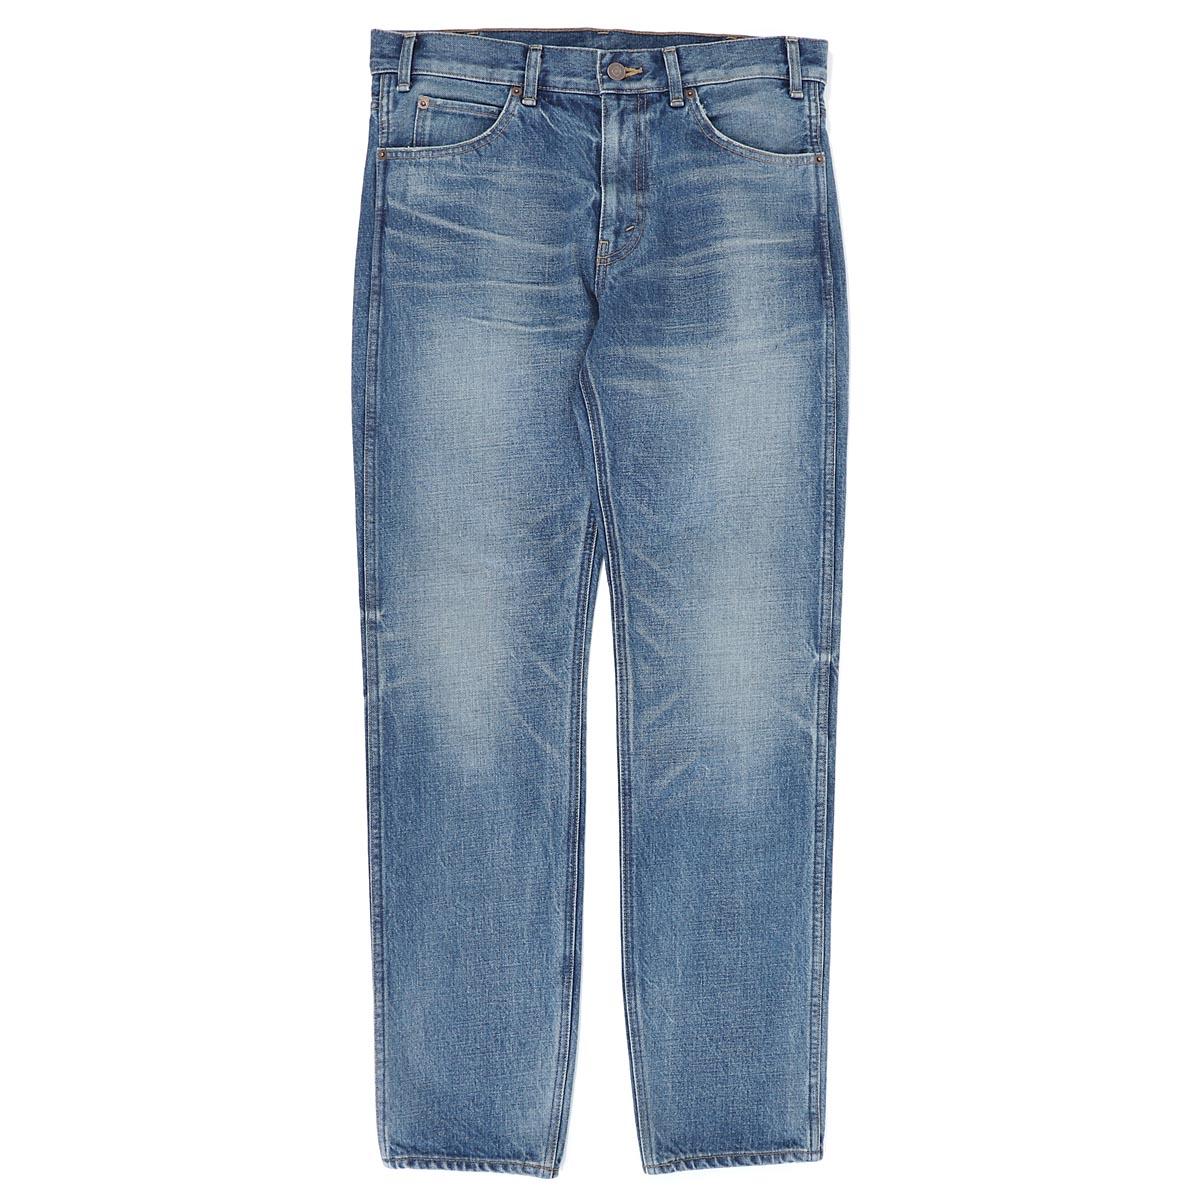 メンズファッション, ズボン・パンツ 22 9:5930OFF CELINE 2n309 930f 07uw